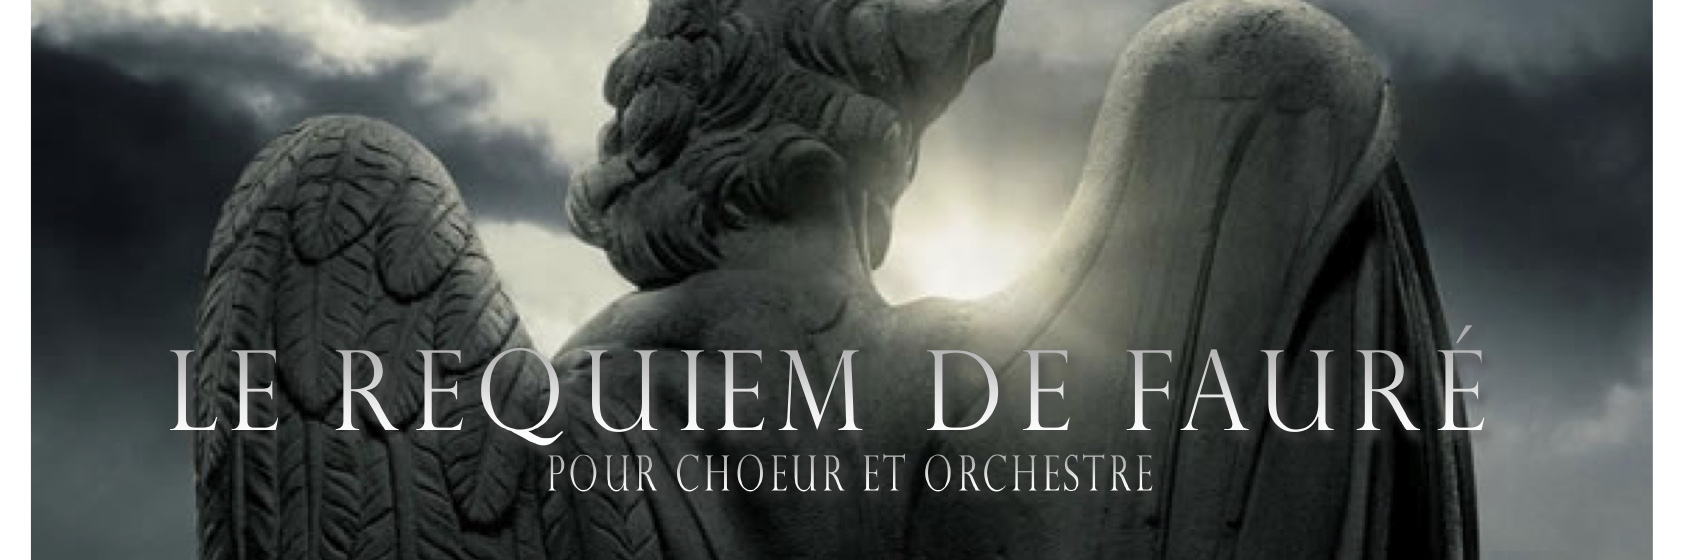 Teit Kanstrup - Faurè, Requiem